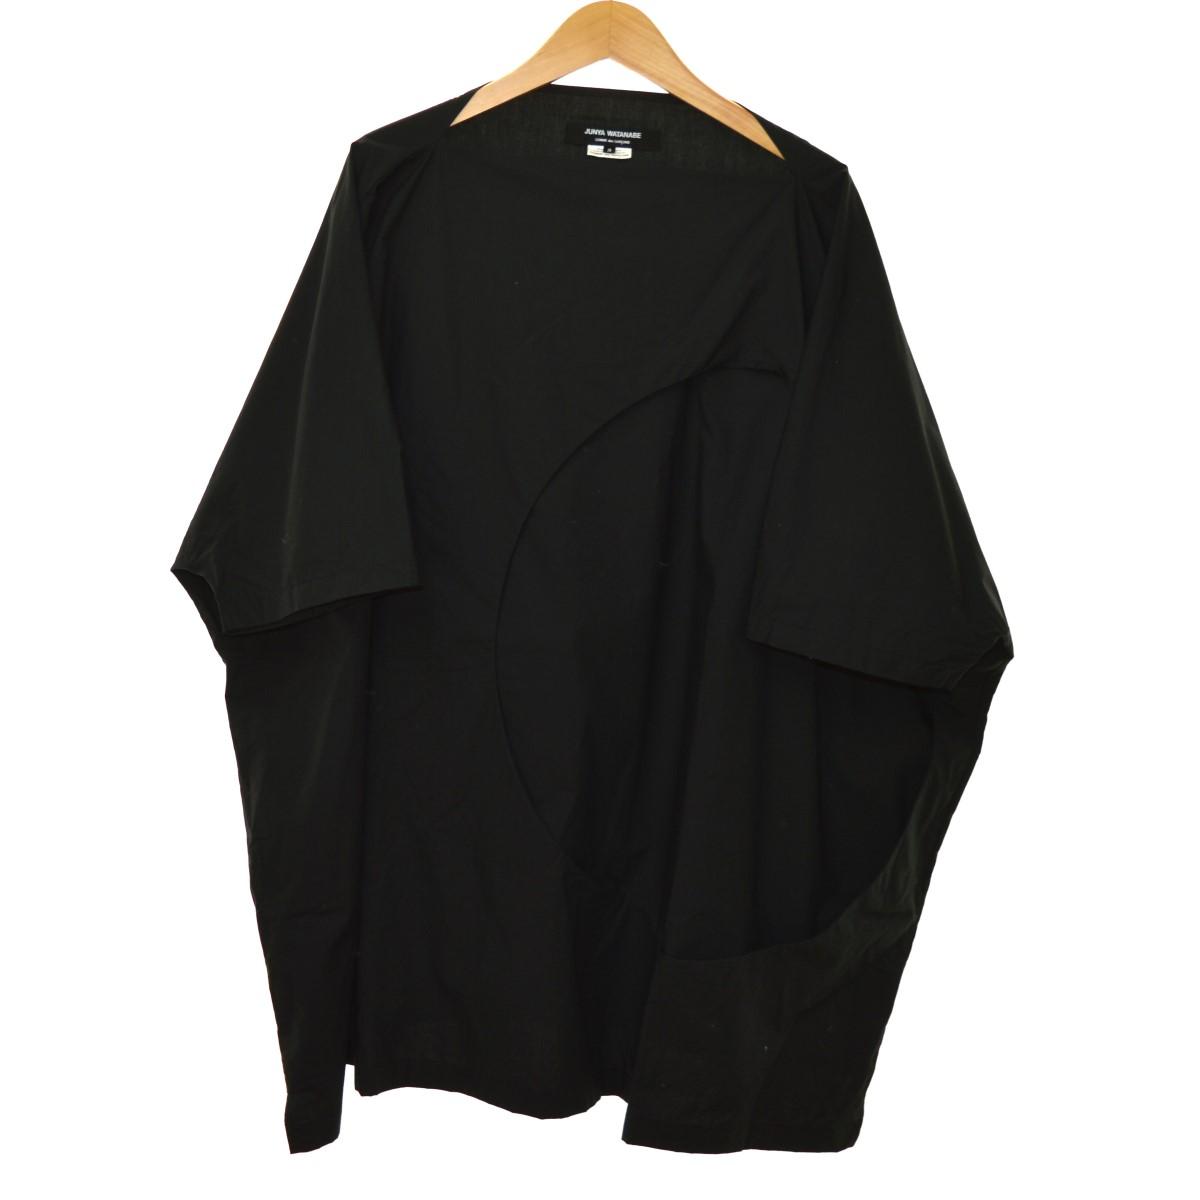 【中古】JUNYA WATANABE COMME des GARCONS 18SS デザインブラウス ブラック サイズ:S 【030720】(ジュンヤ ワタナベ コムデギャルソン)